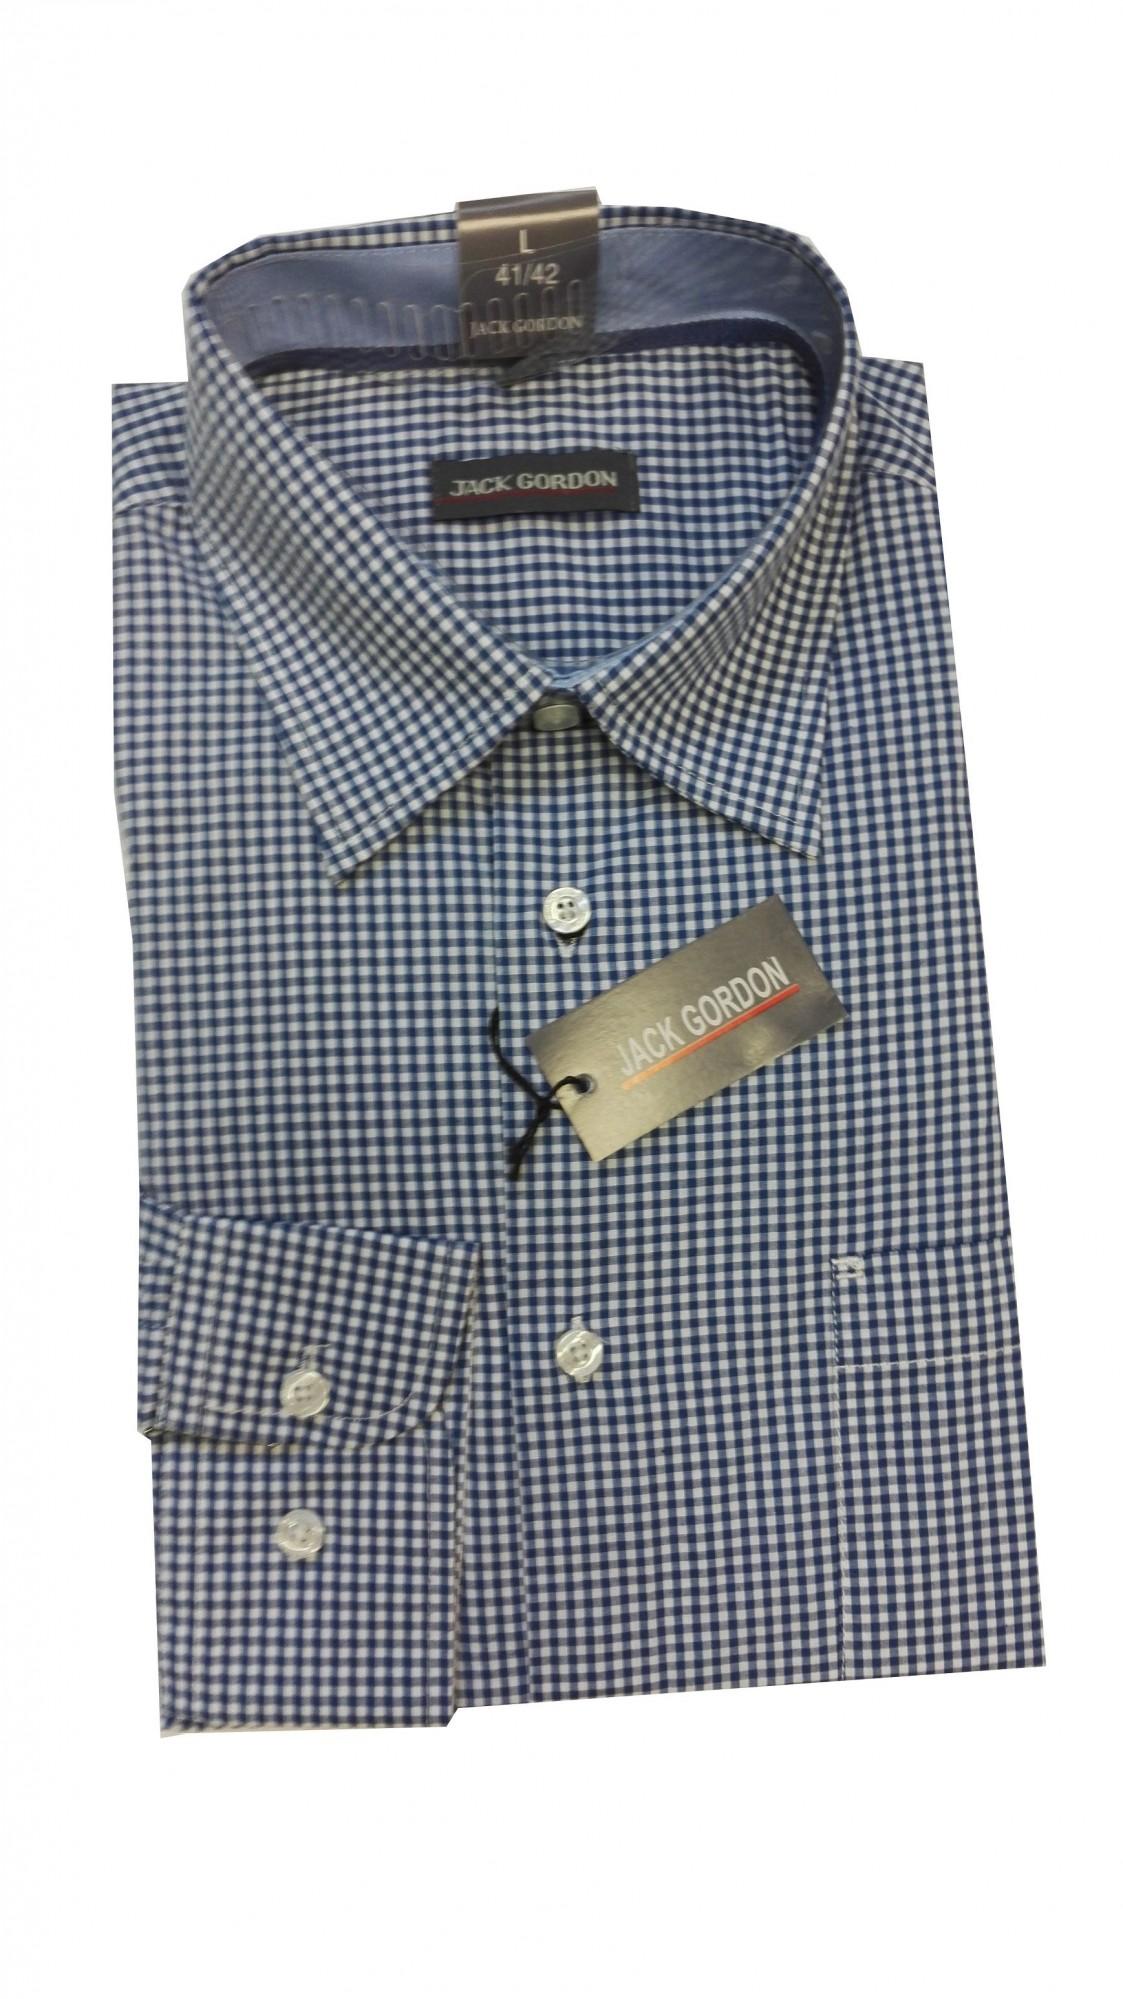 Herren Freizeit Hemd langarm -auch in Übergrösse bis 6XL - 8003-4 001